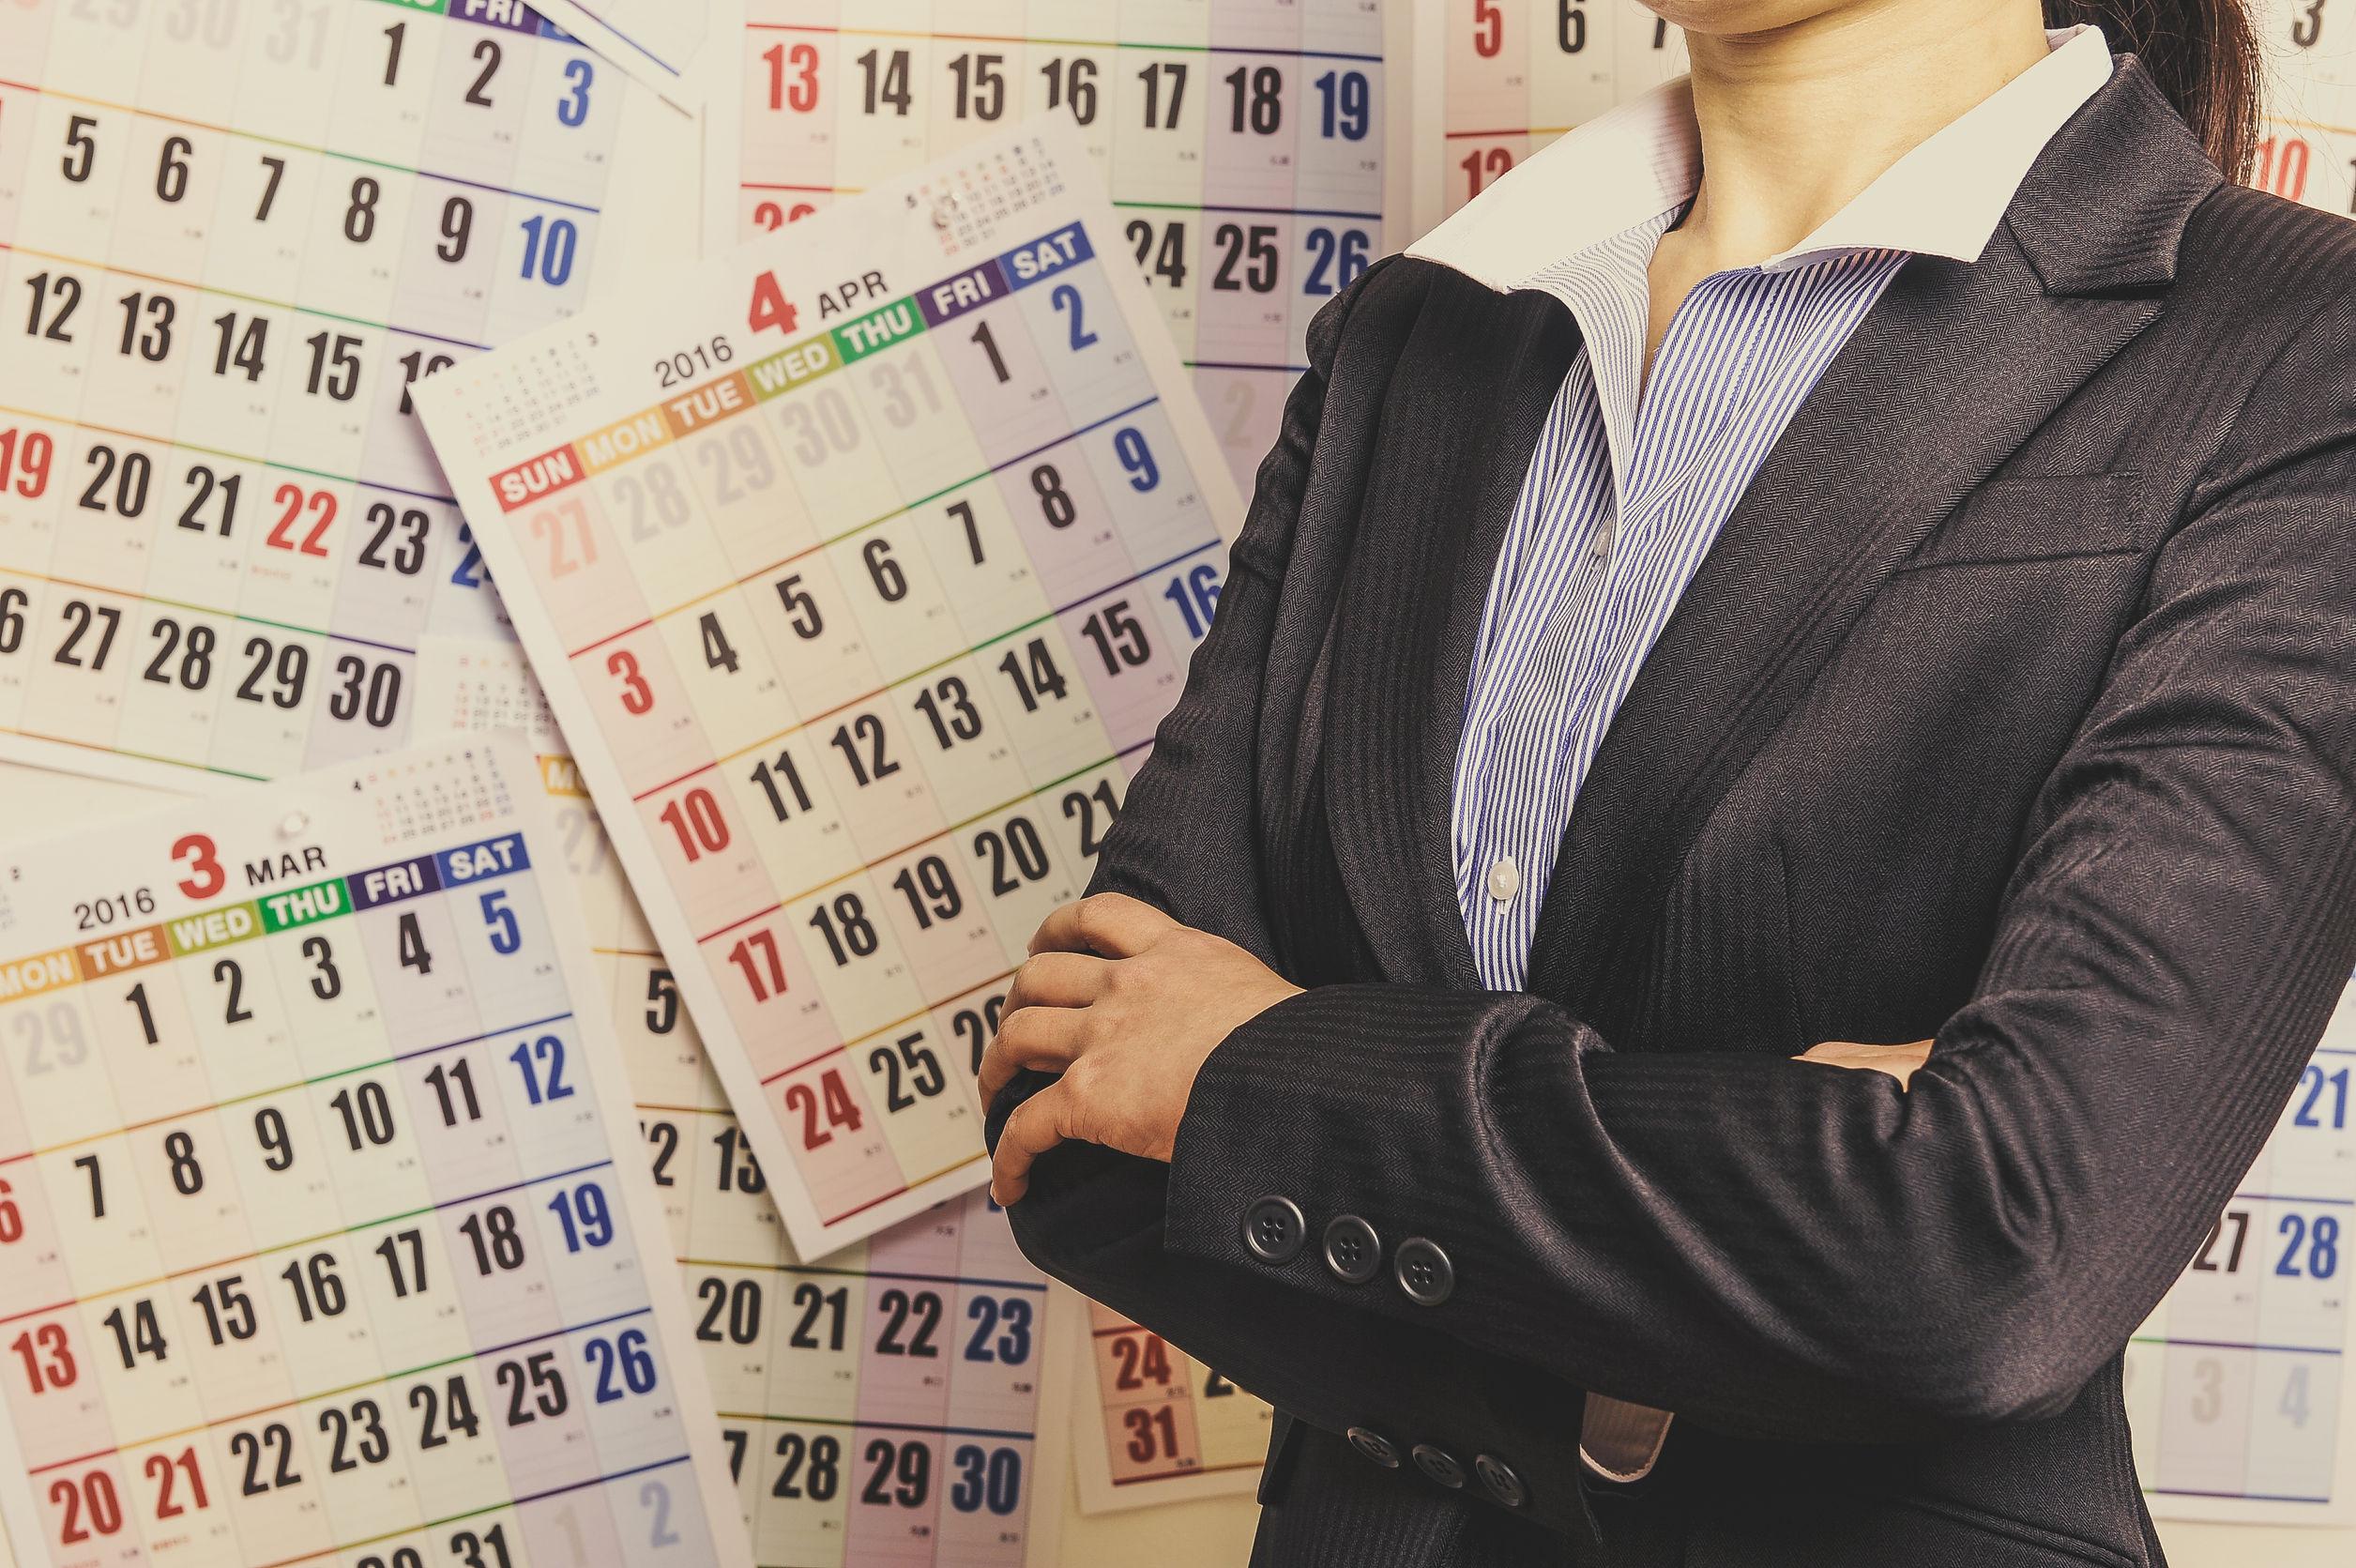 58684971 - calendar and women